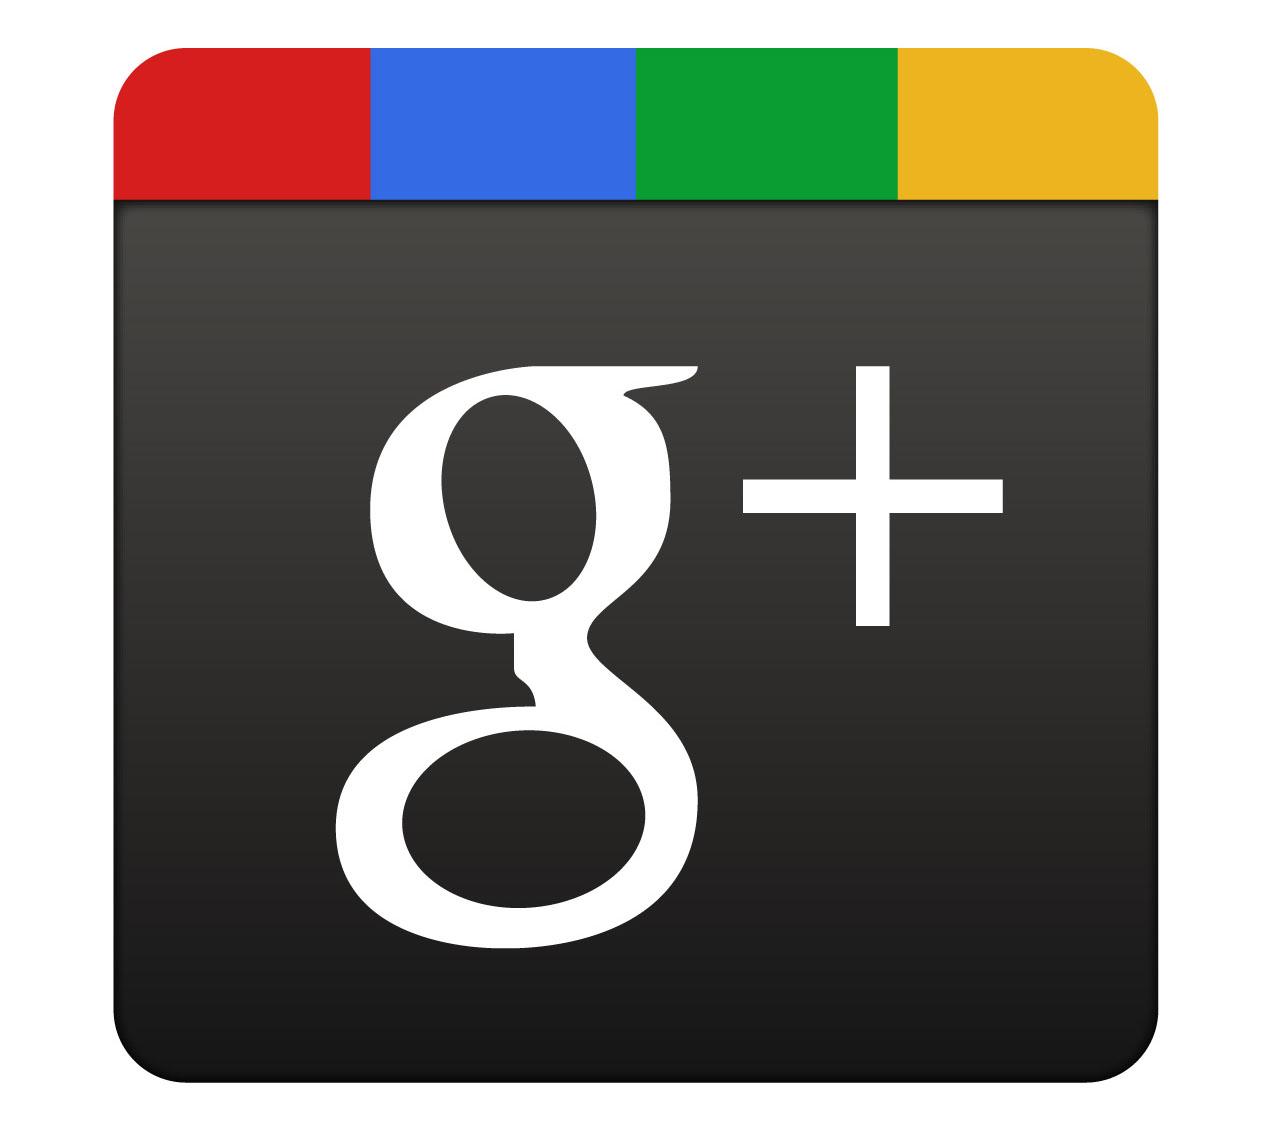 http://4.bp.blogspot.com/-ndOrmP_2GwU/TjElDs3iTcI/AAAAAAAAAJA/RLMIRW7nZ4c/s1600/google_plus_logo.jpg